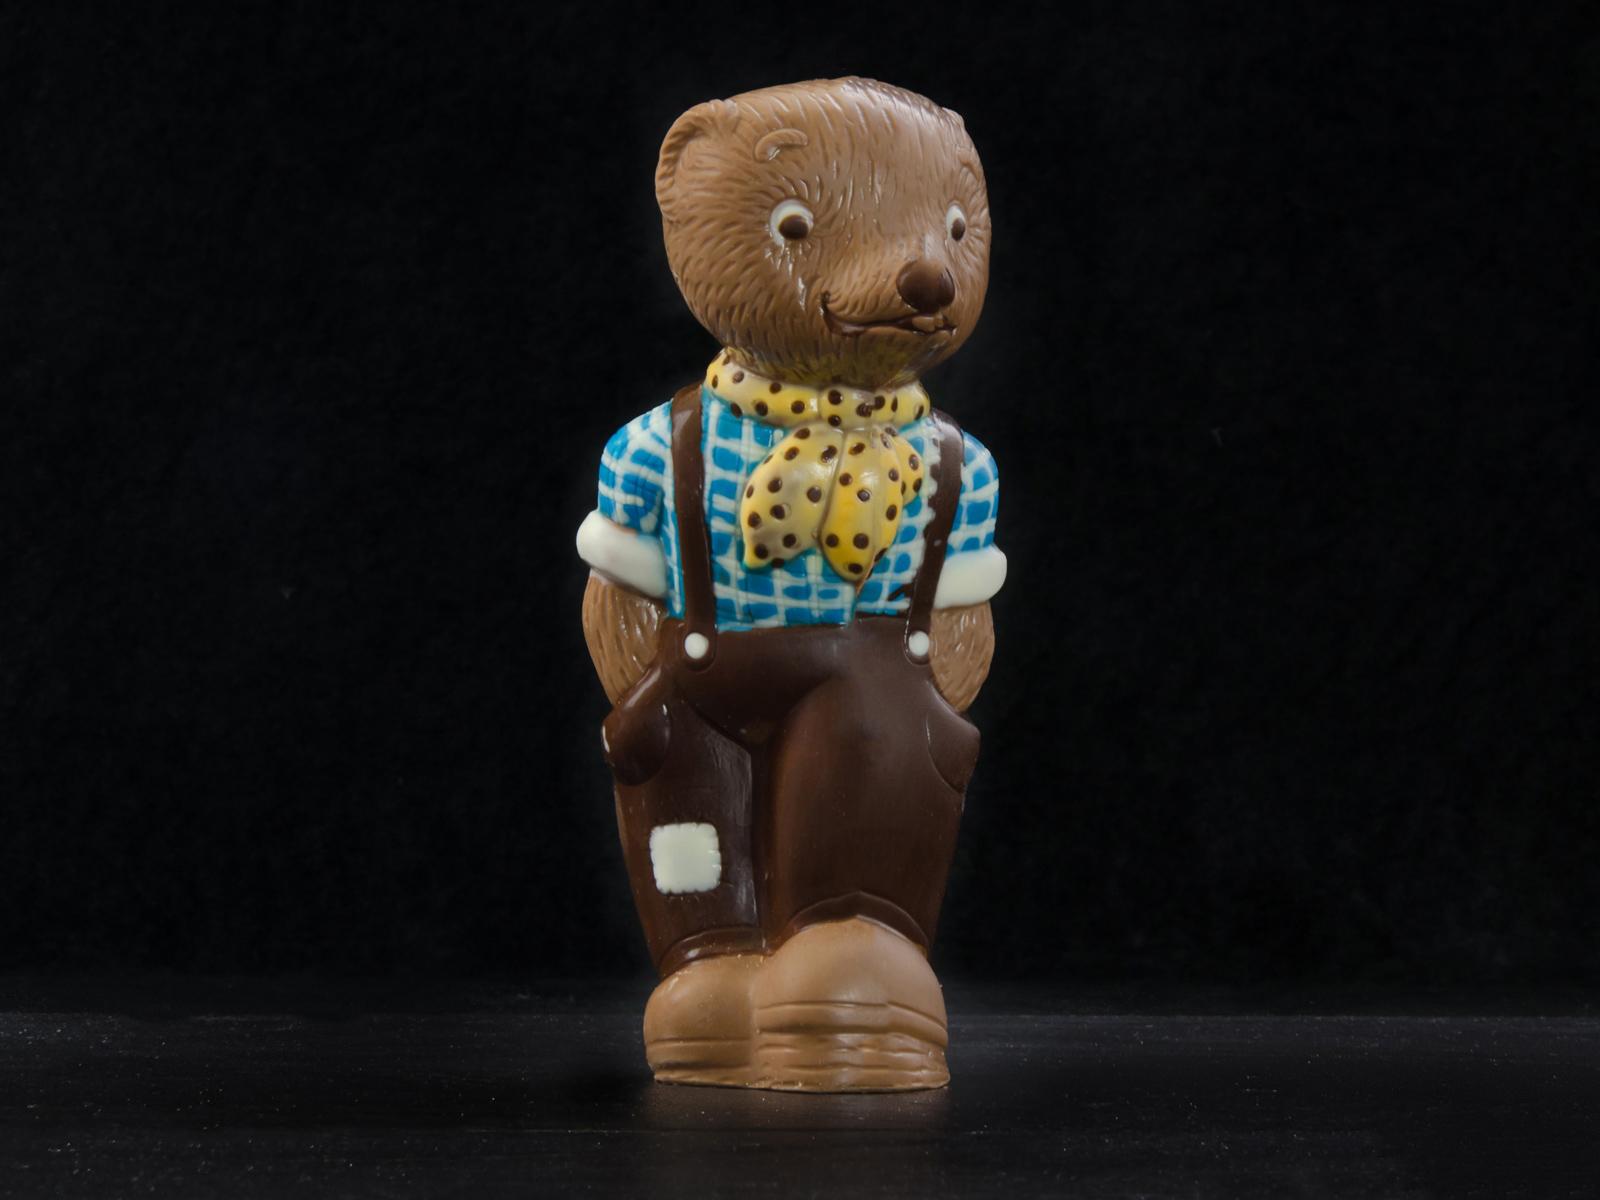 Schokoladenfiguren im Cafe Besold am Weismain in der Fränkischen Schweiz.